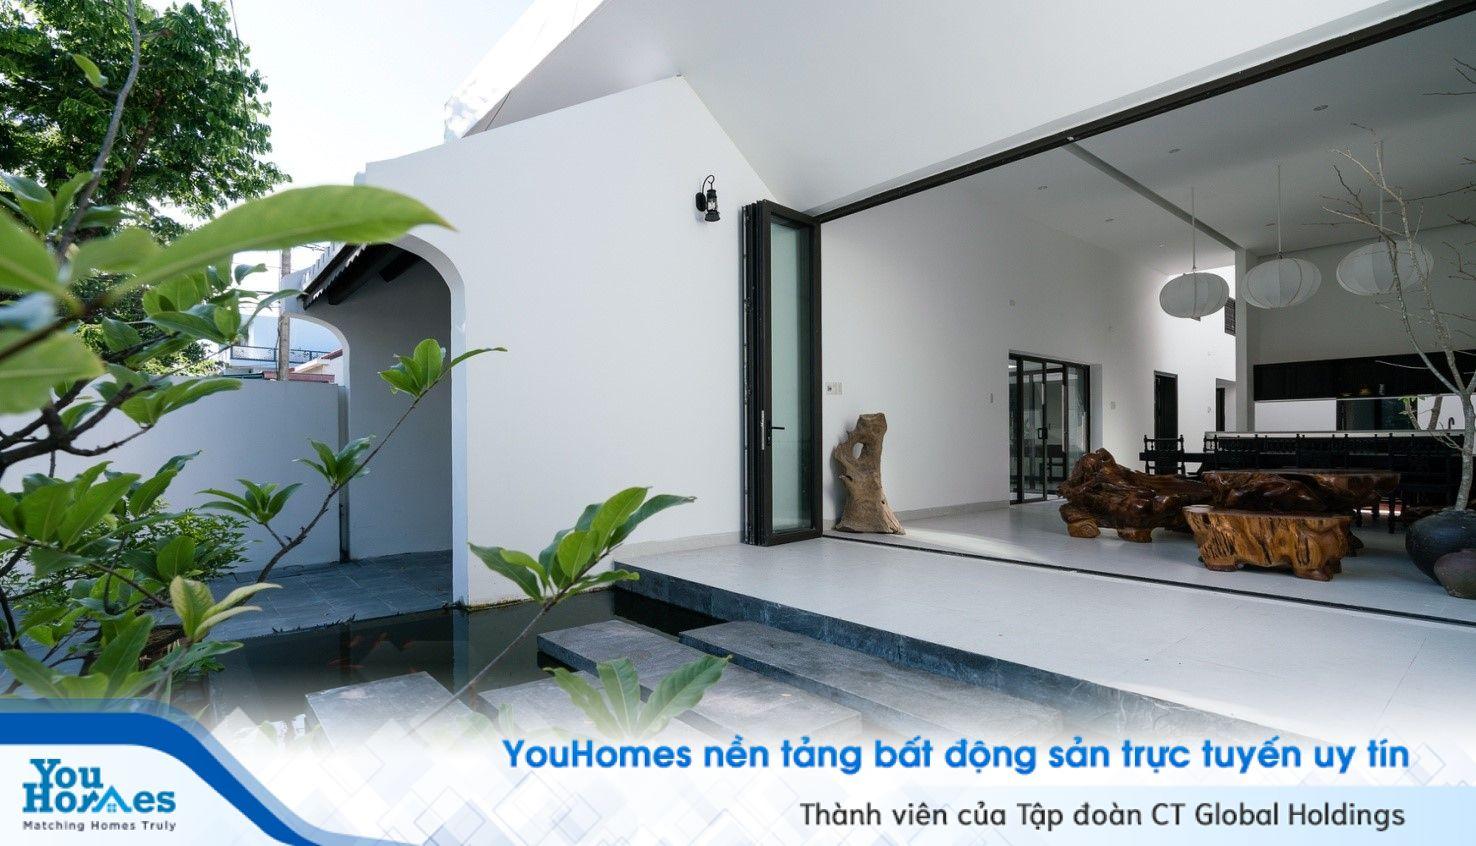 Sự kết hợp giữa hiện đại và truyền thống trong ngôi nhà Đà Nẵng